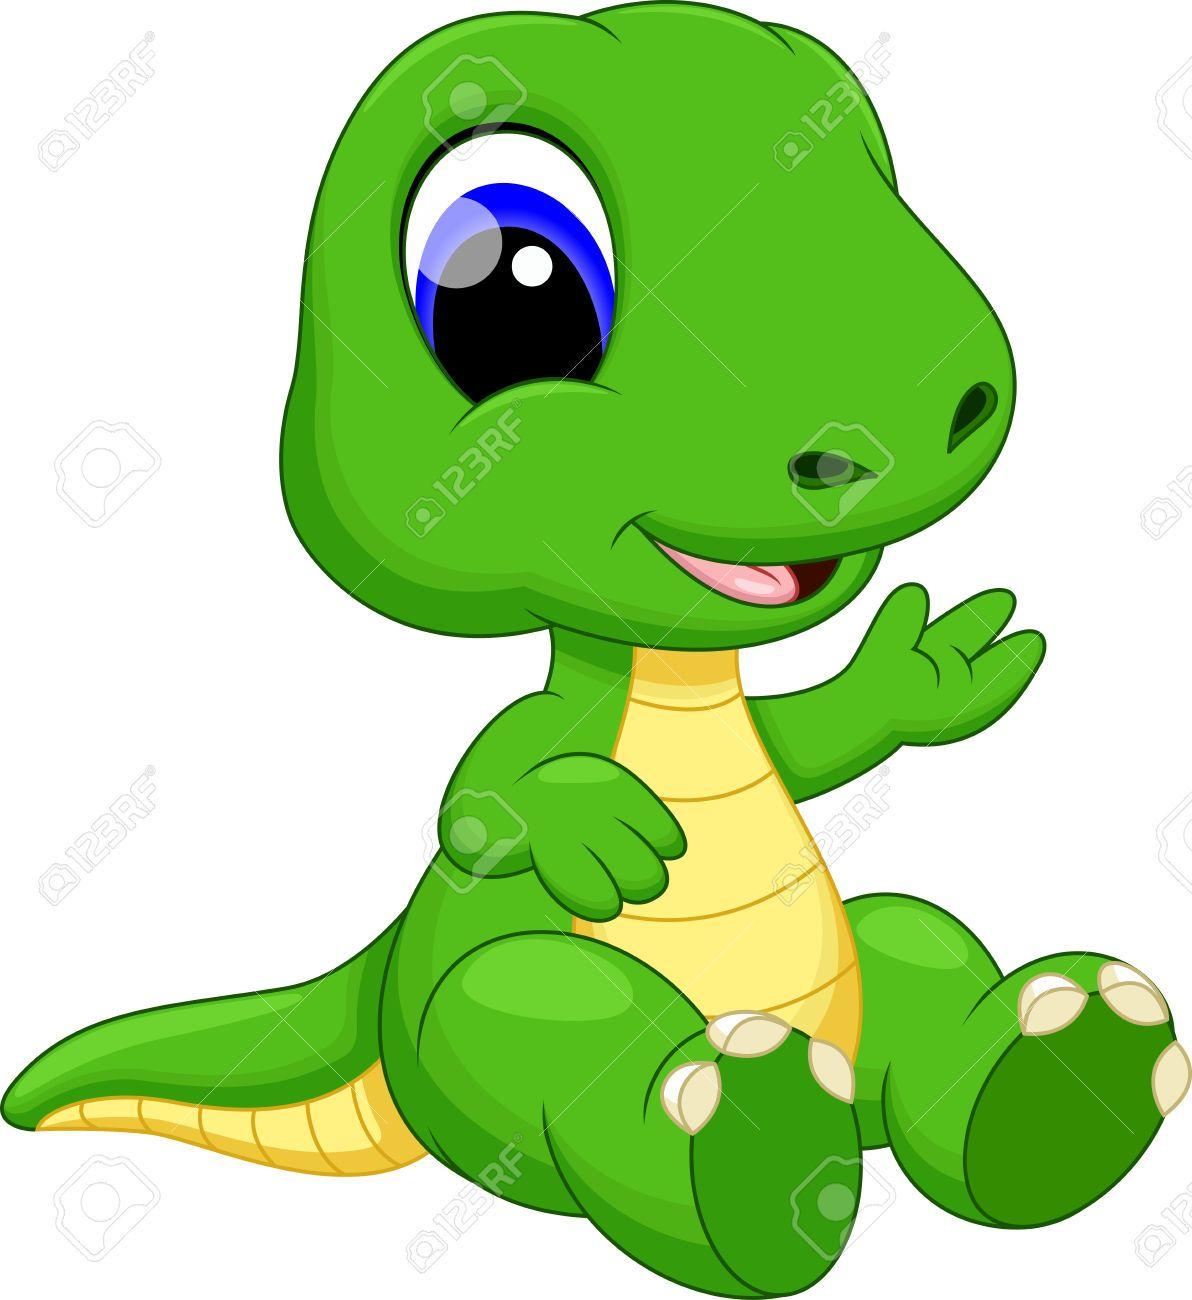 Resultat Fr 123rf Com Trouve Sur Google Avec Images Dinosaure